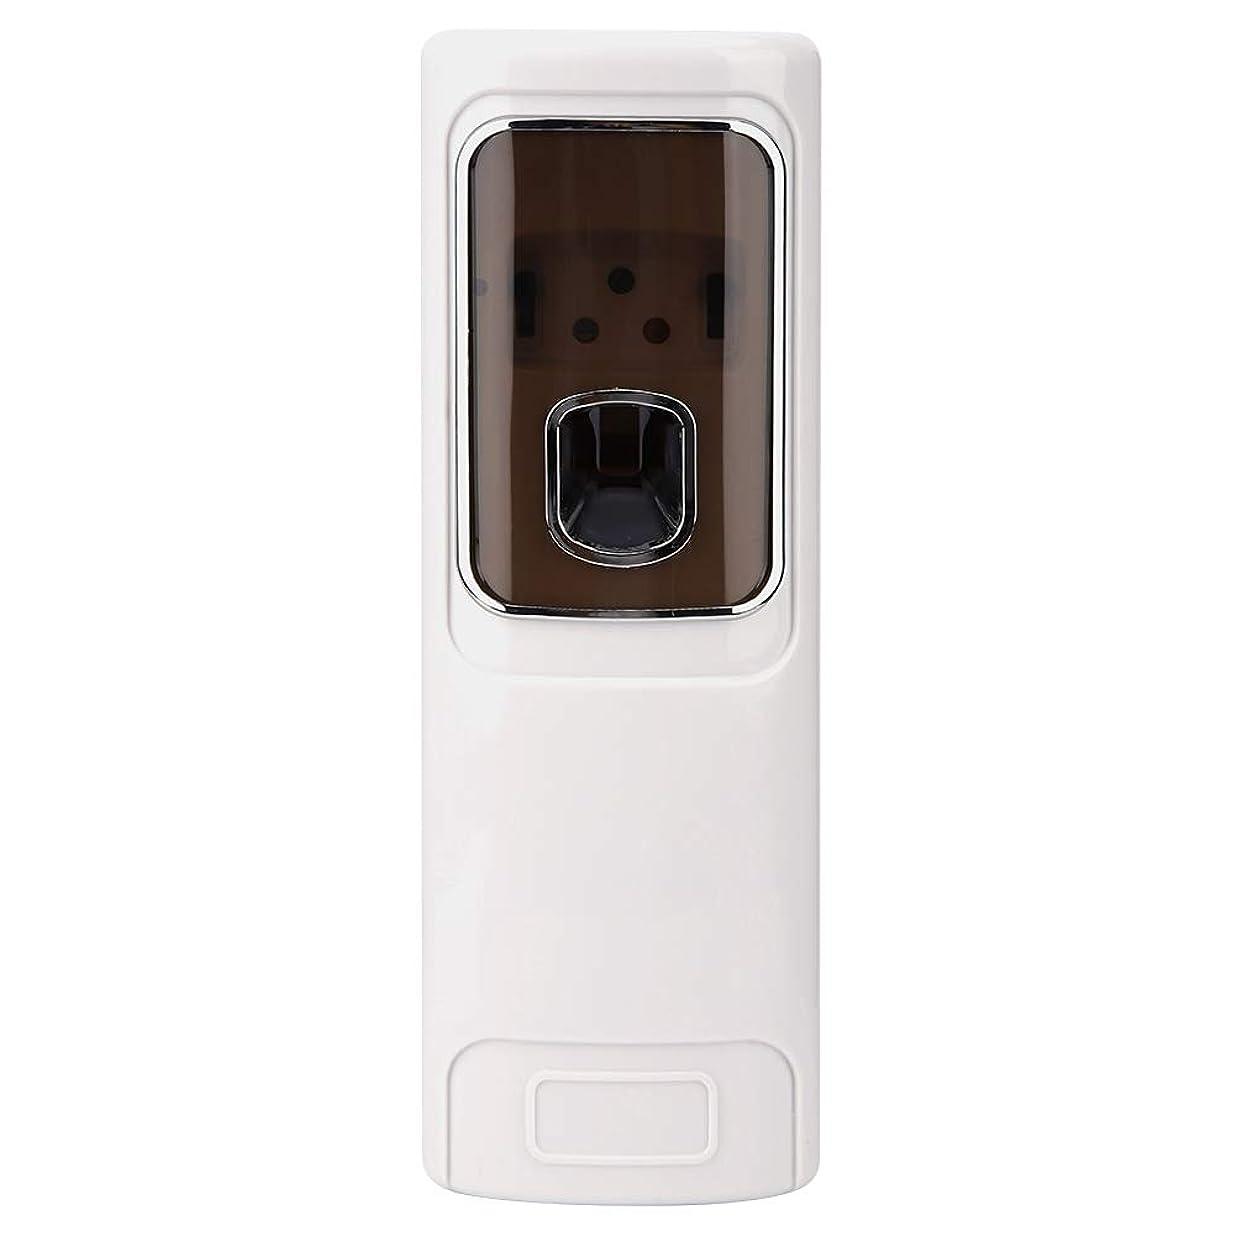 黒板未使用ヒープ自動芳香剤ディスペンサー、300ML壁掛けエッセンシャルオイルエアゾールフレグランススプレーマシン、トイレバスルームホテルゲストルームリビングルーム香りのオイル気化器加湿器